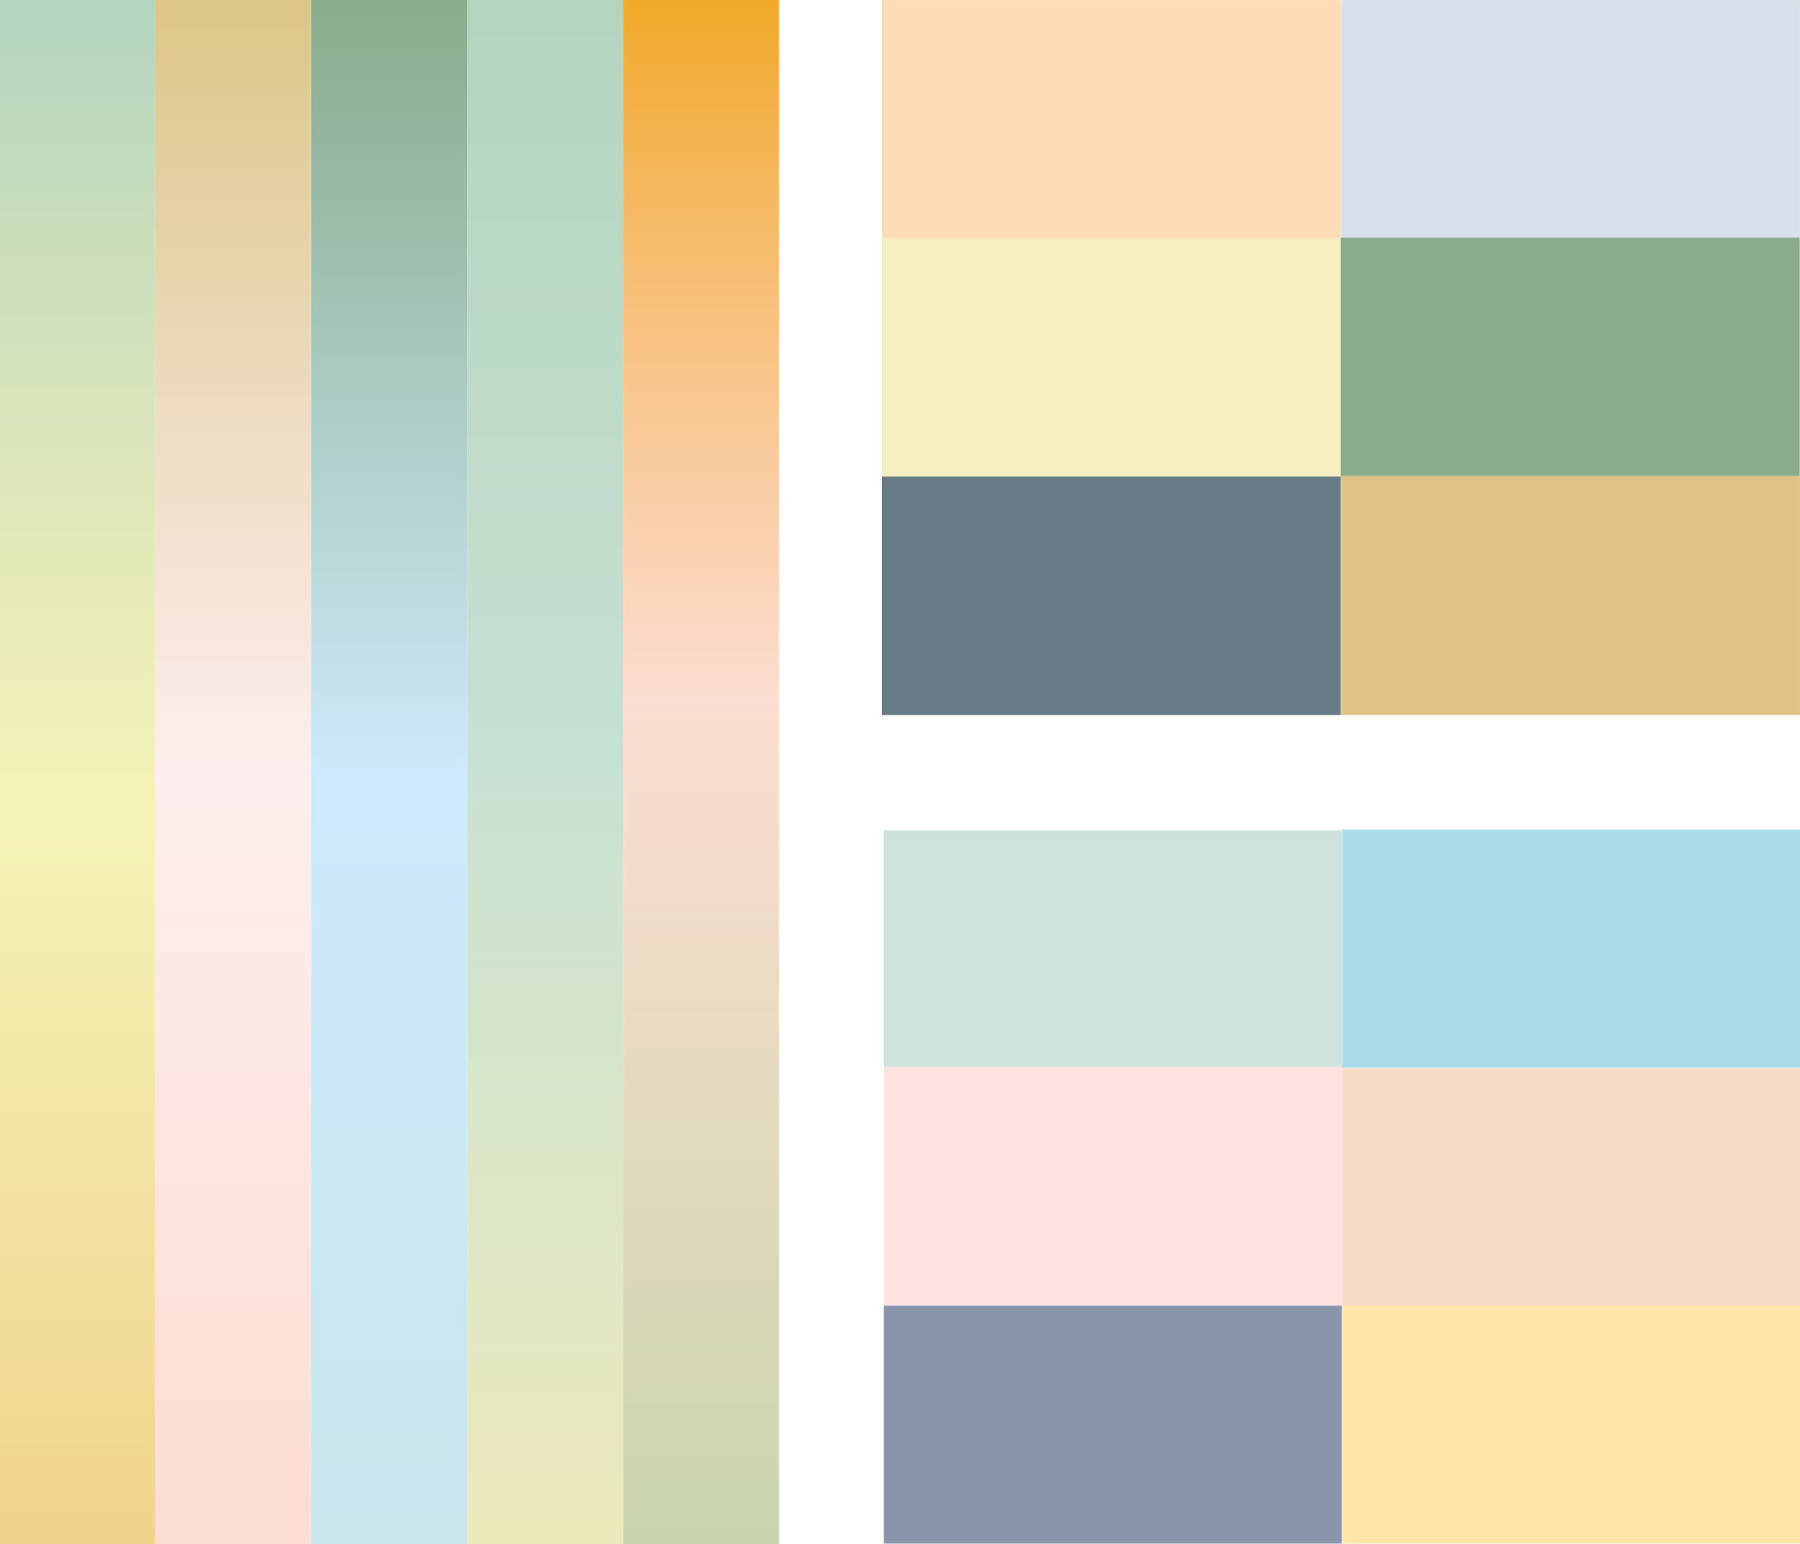 La palette de couleurs à dominante pastel représente la richesse du territoire, entre terre et mer, sujette aux nombreuses variations de lumières, propres à la Côte d'Opale.